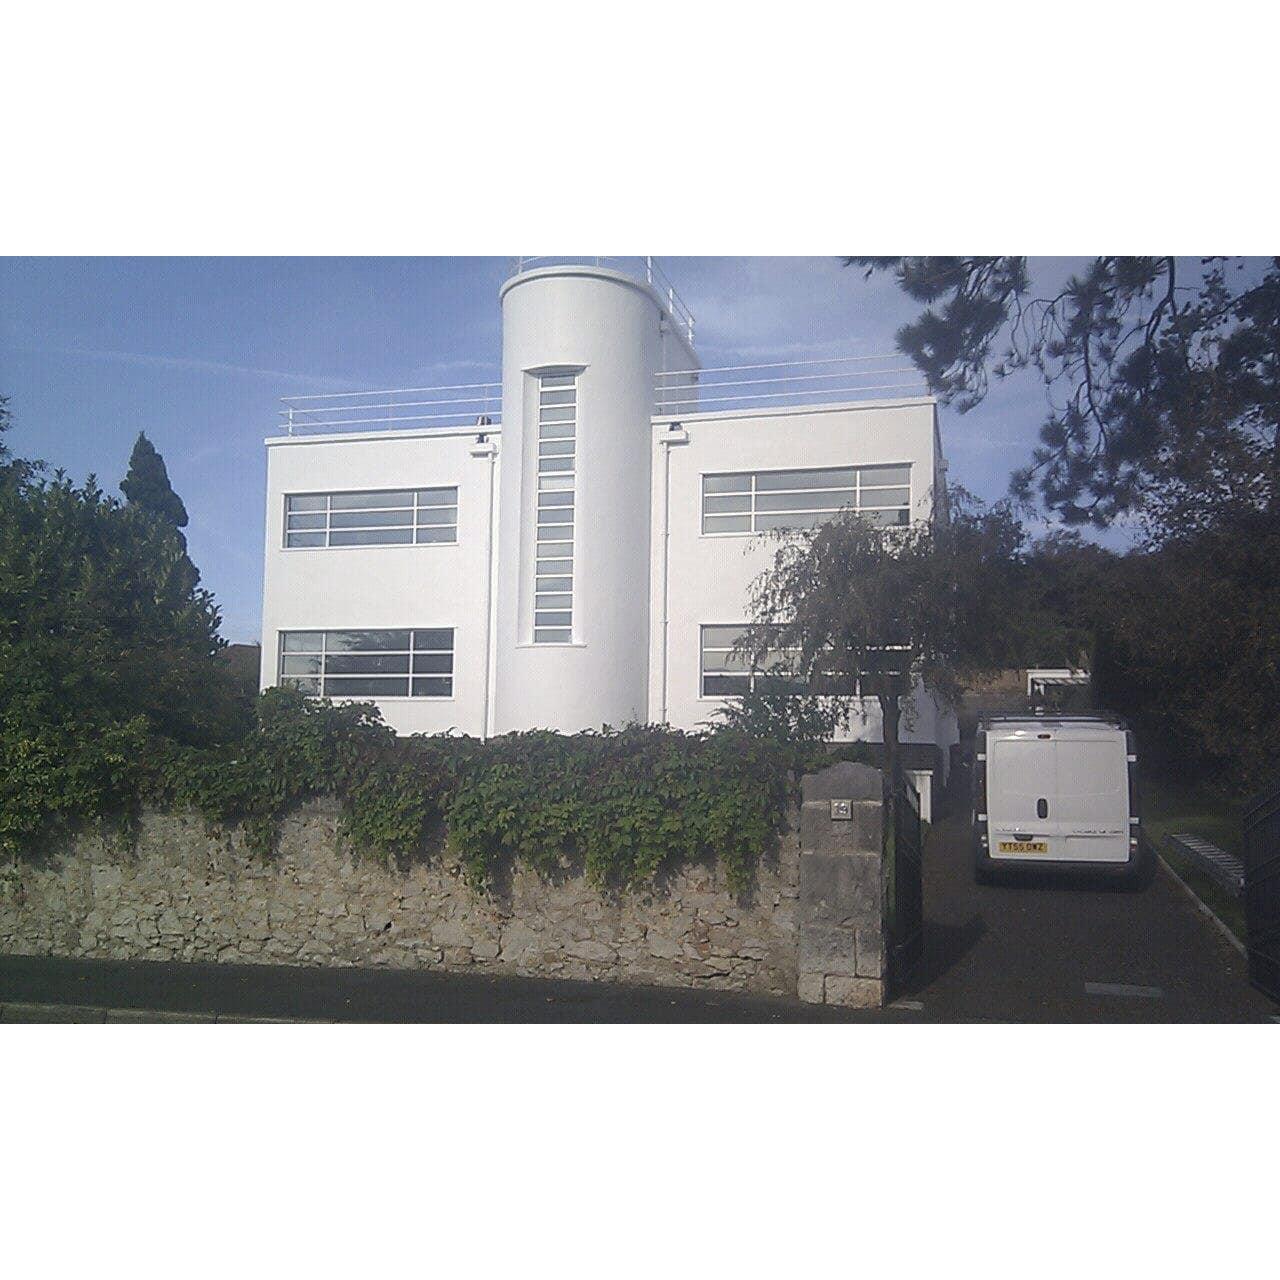 D J Gibbons Painters & Decorators - Colwyn Bay, Gwynedd LL29 6AR - 01492 531963 | ShowMeLocal.com